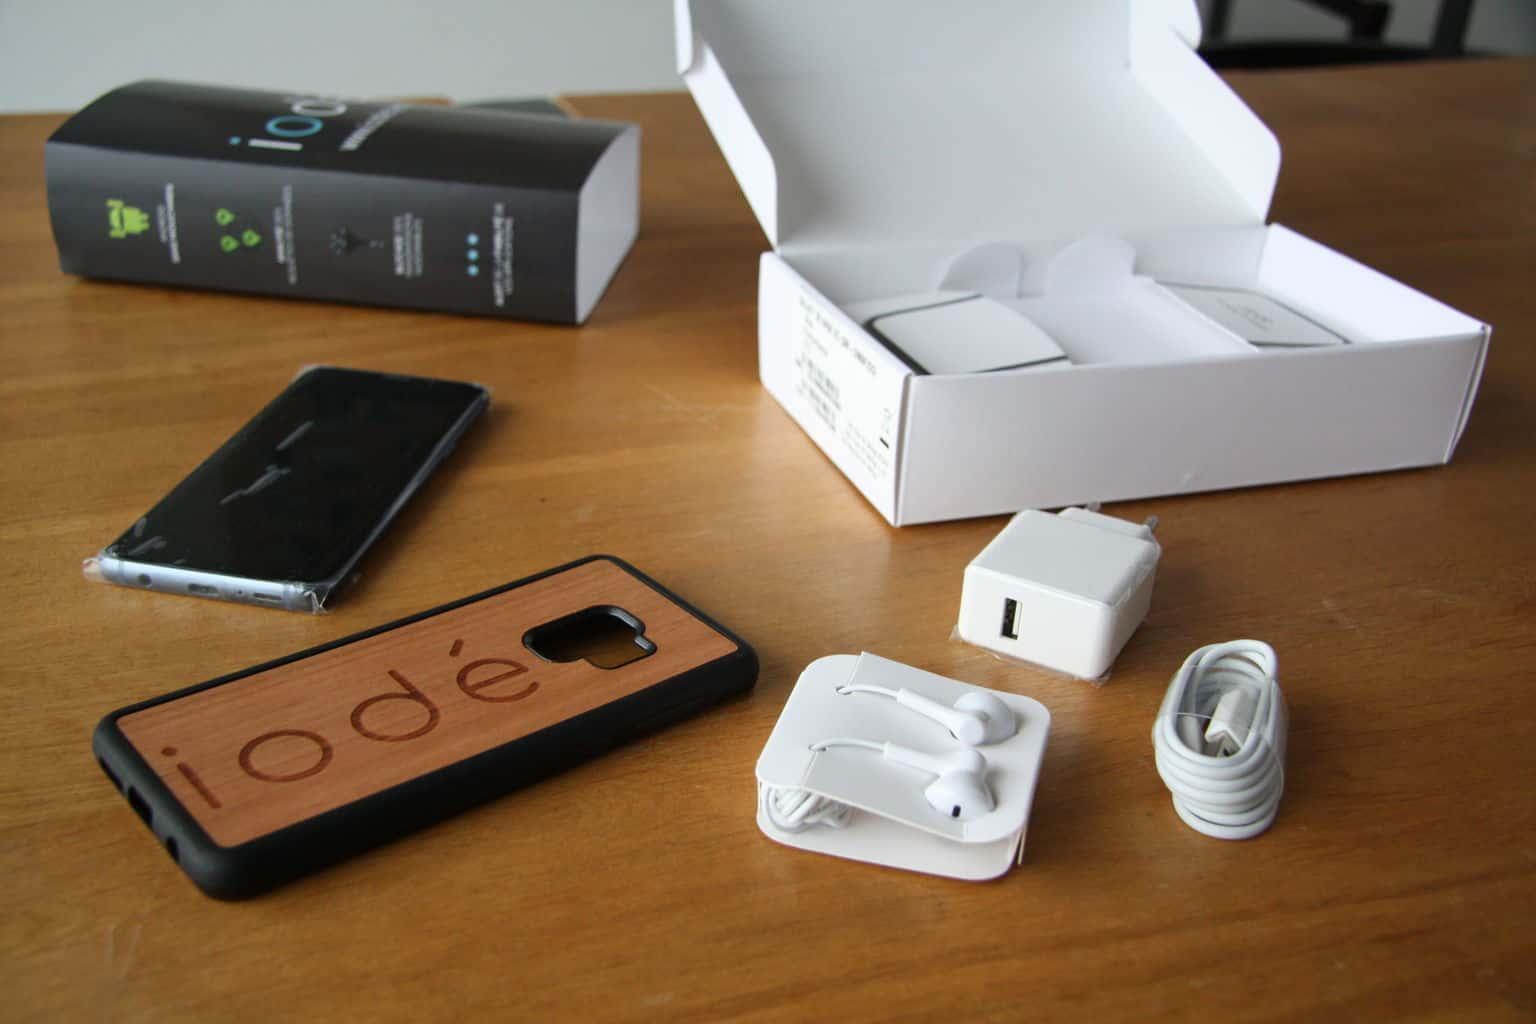 iodé smartphone samsung s9 reconditionné avec Lineage OS